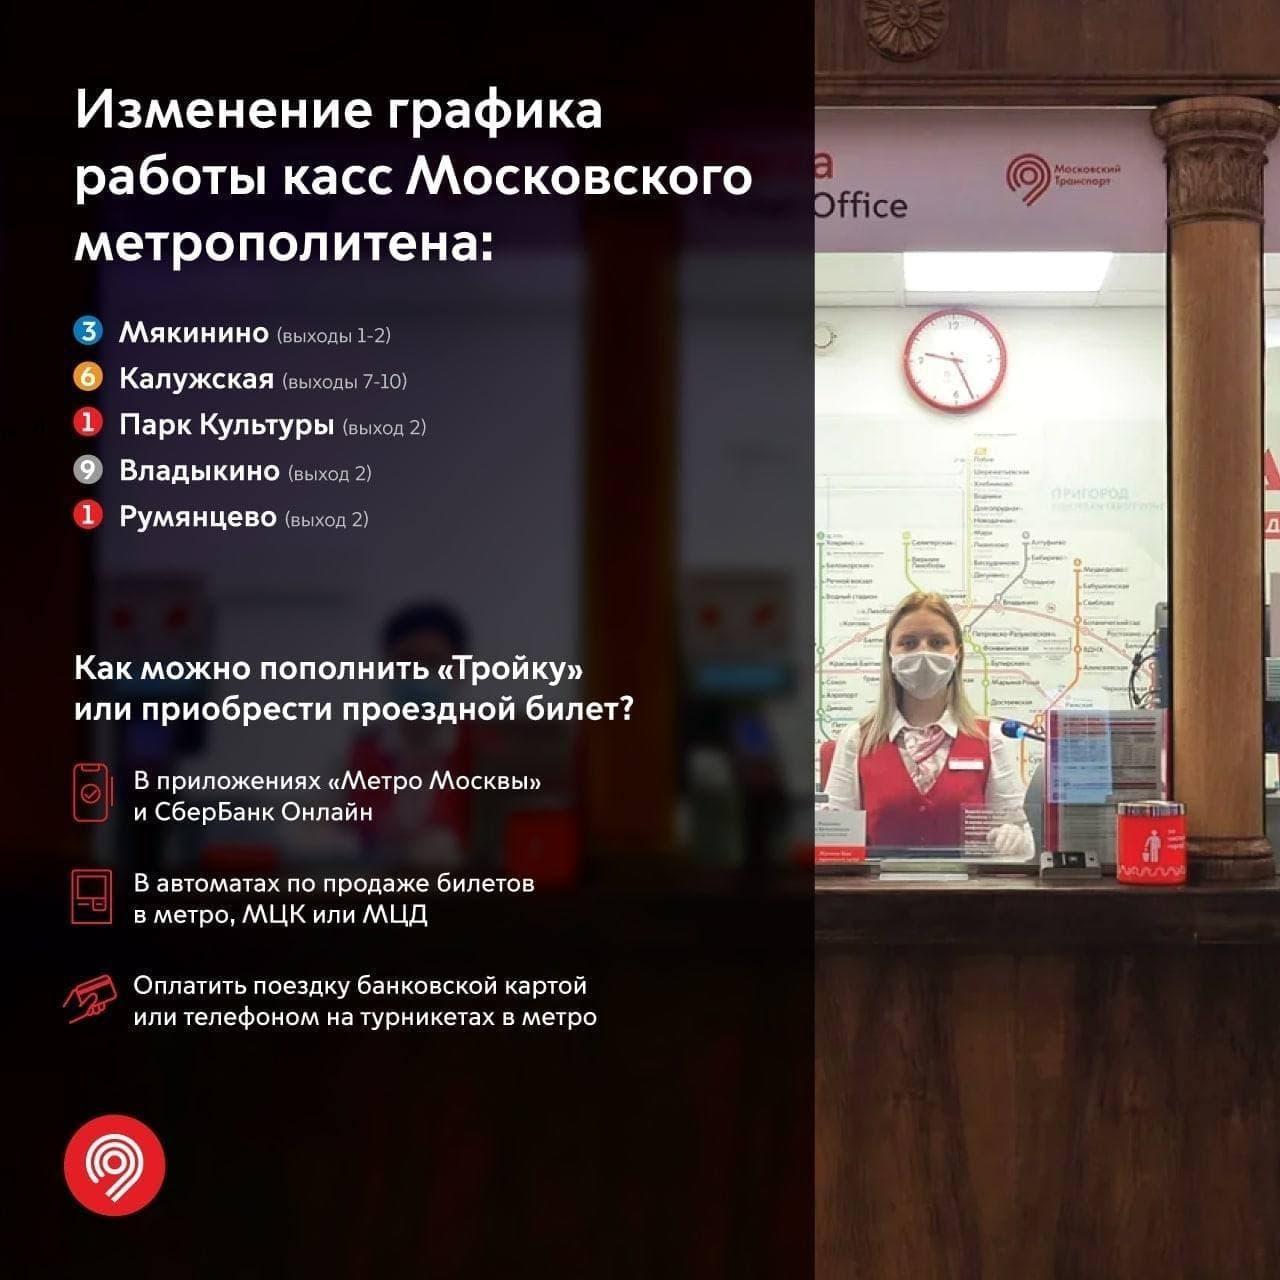 График работы касс изменится в московском метро